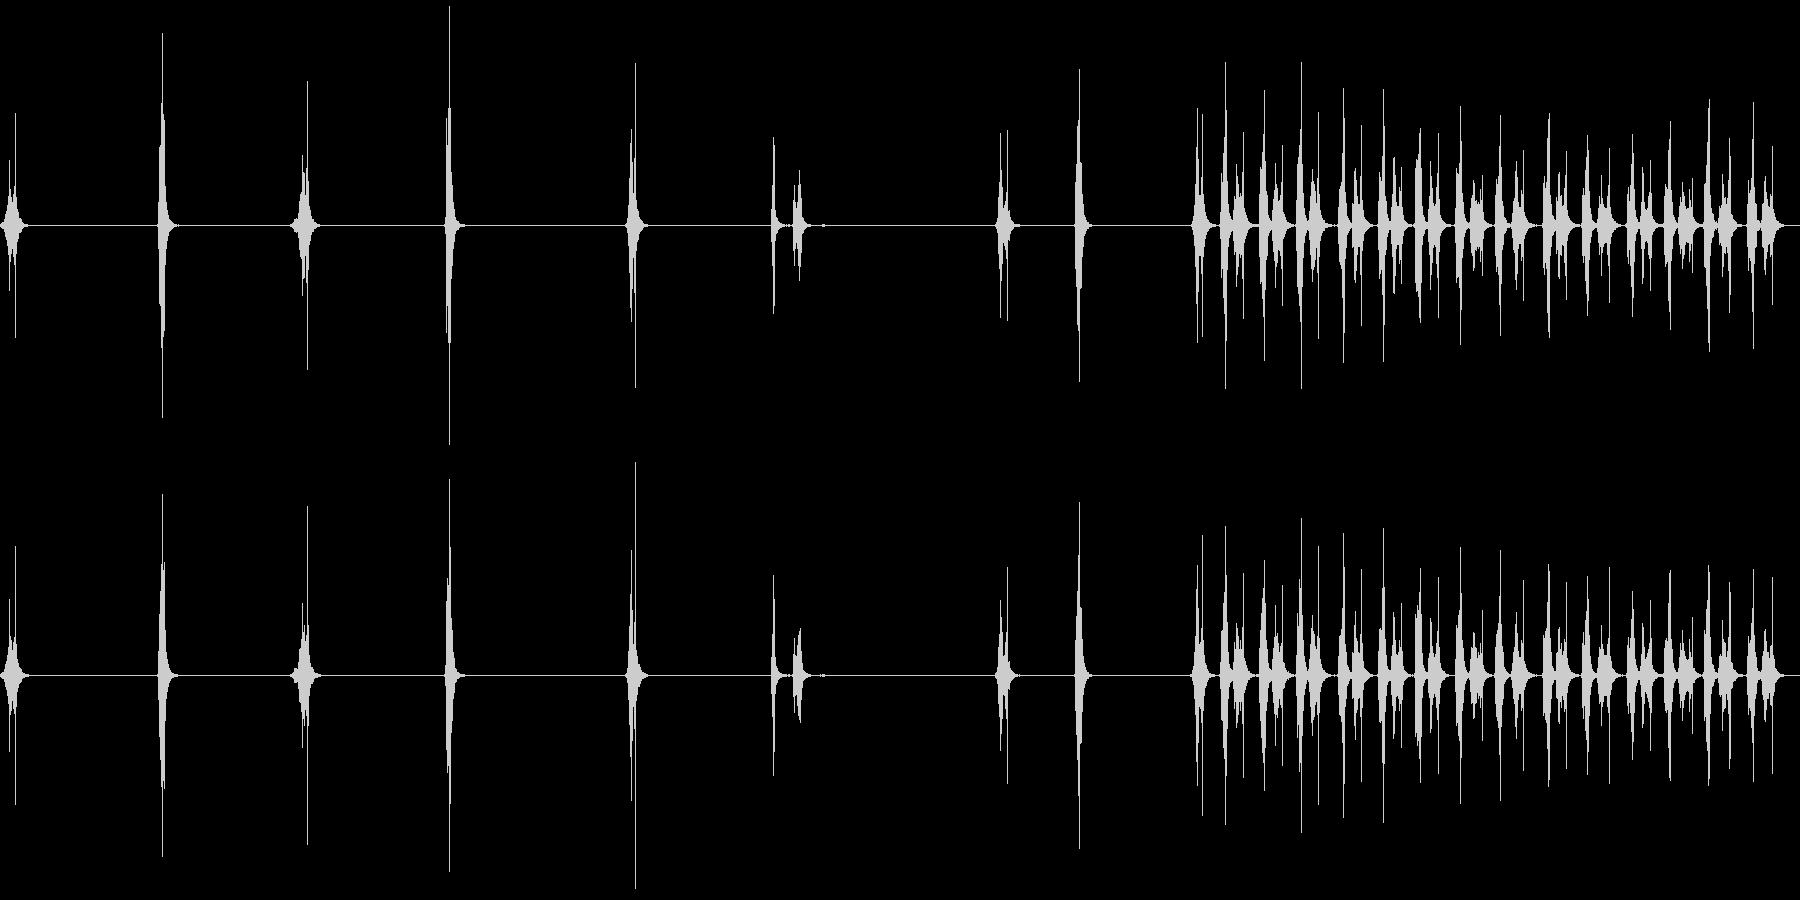 ハサミ、カット、スロー、ファースト...の未再生の波形